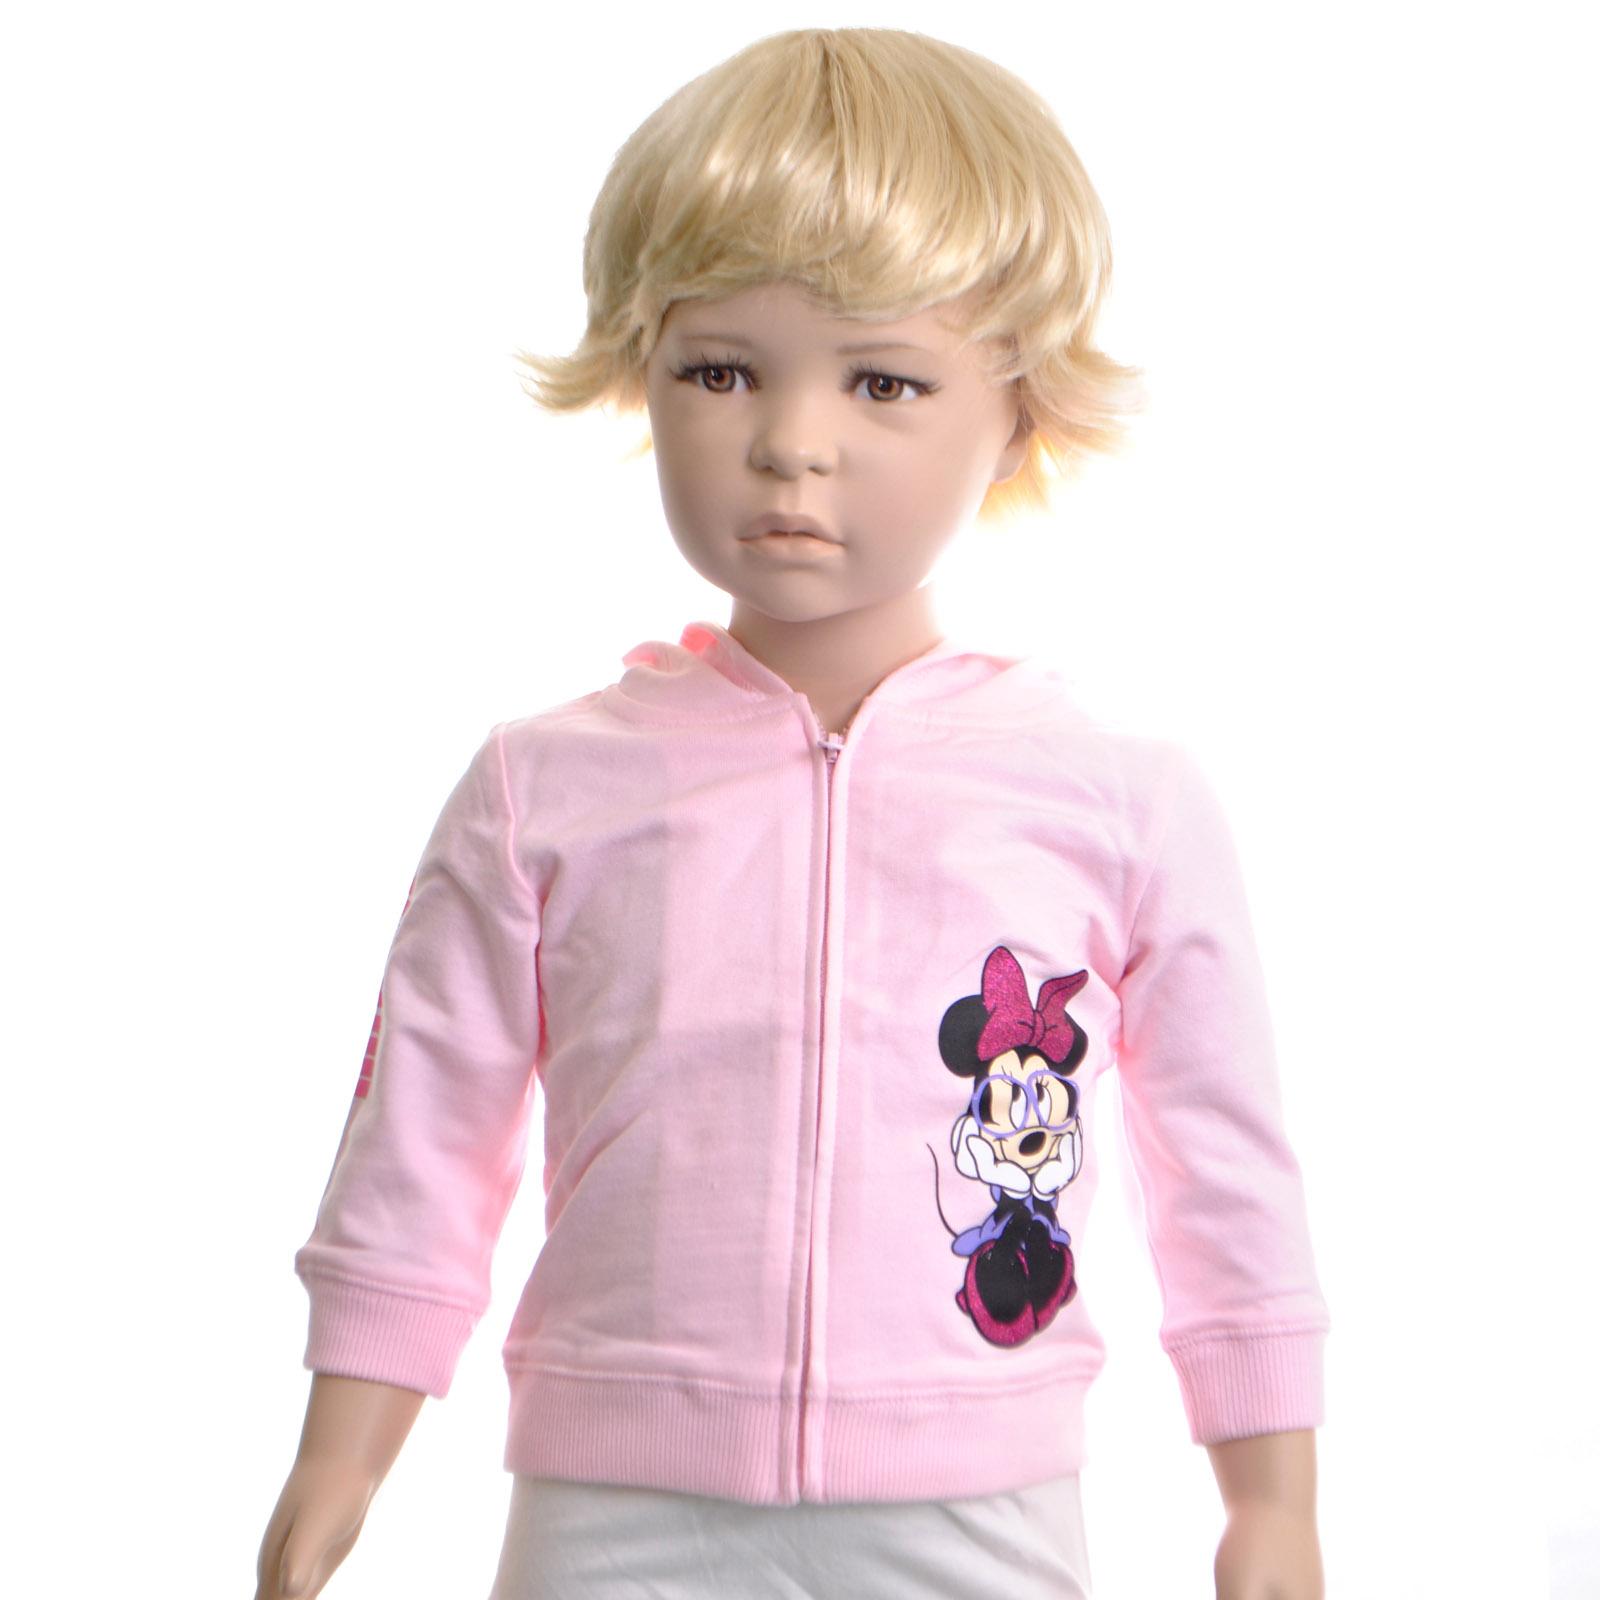 Толстовка FOX Фокс цвет розовый для девочки с 18 до 24 мес.